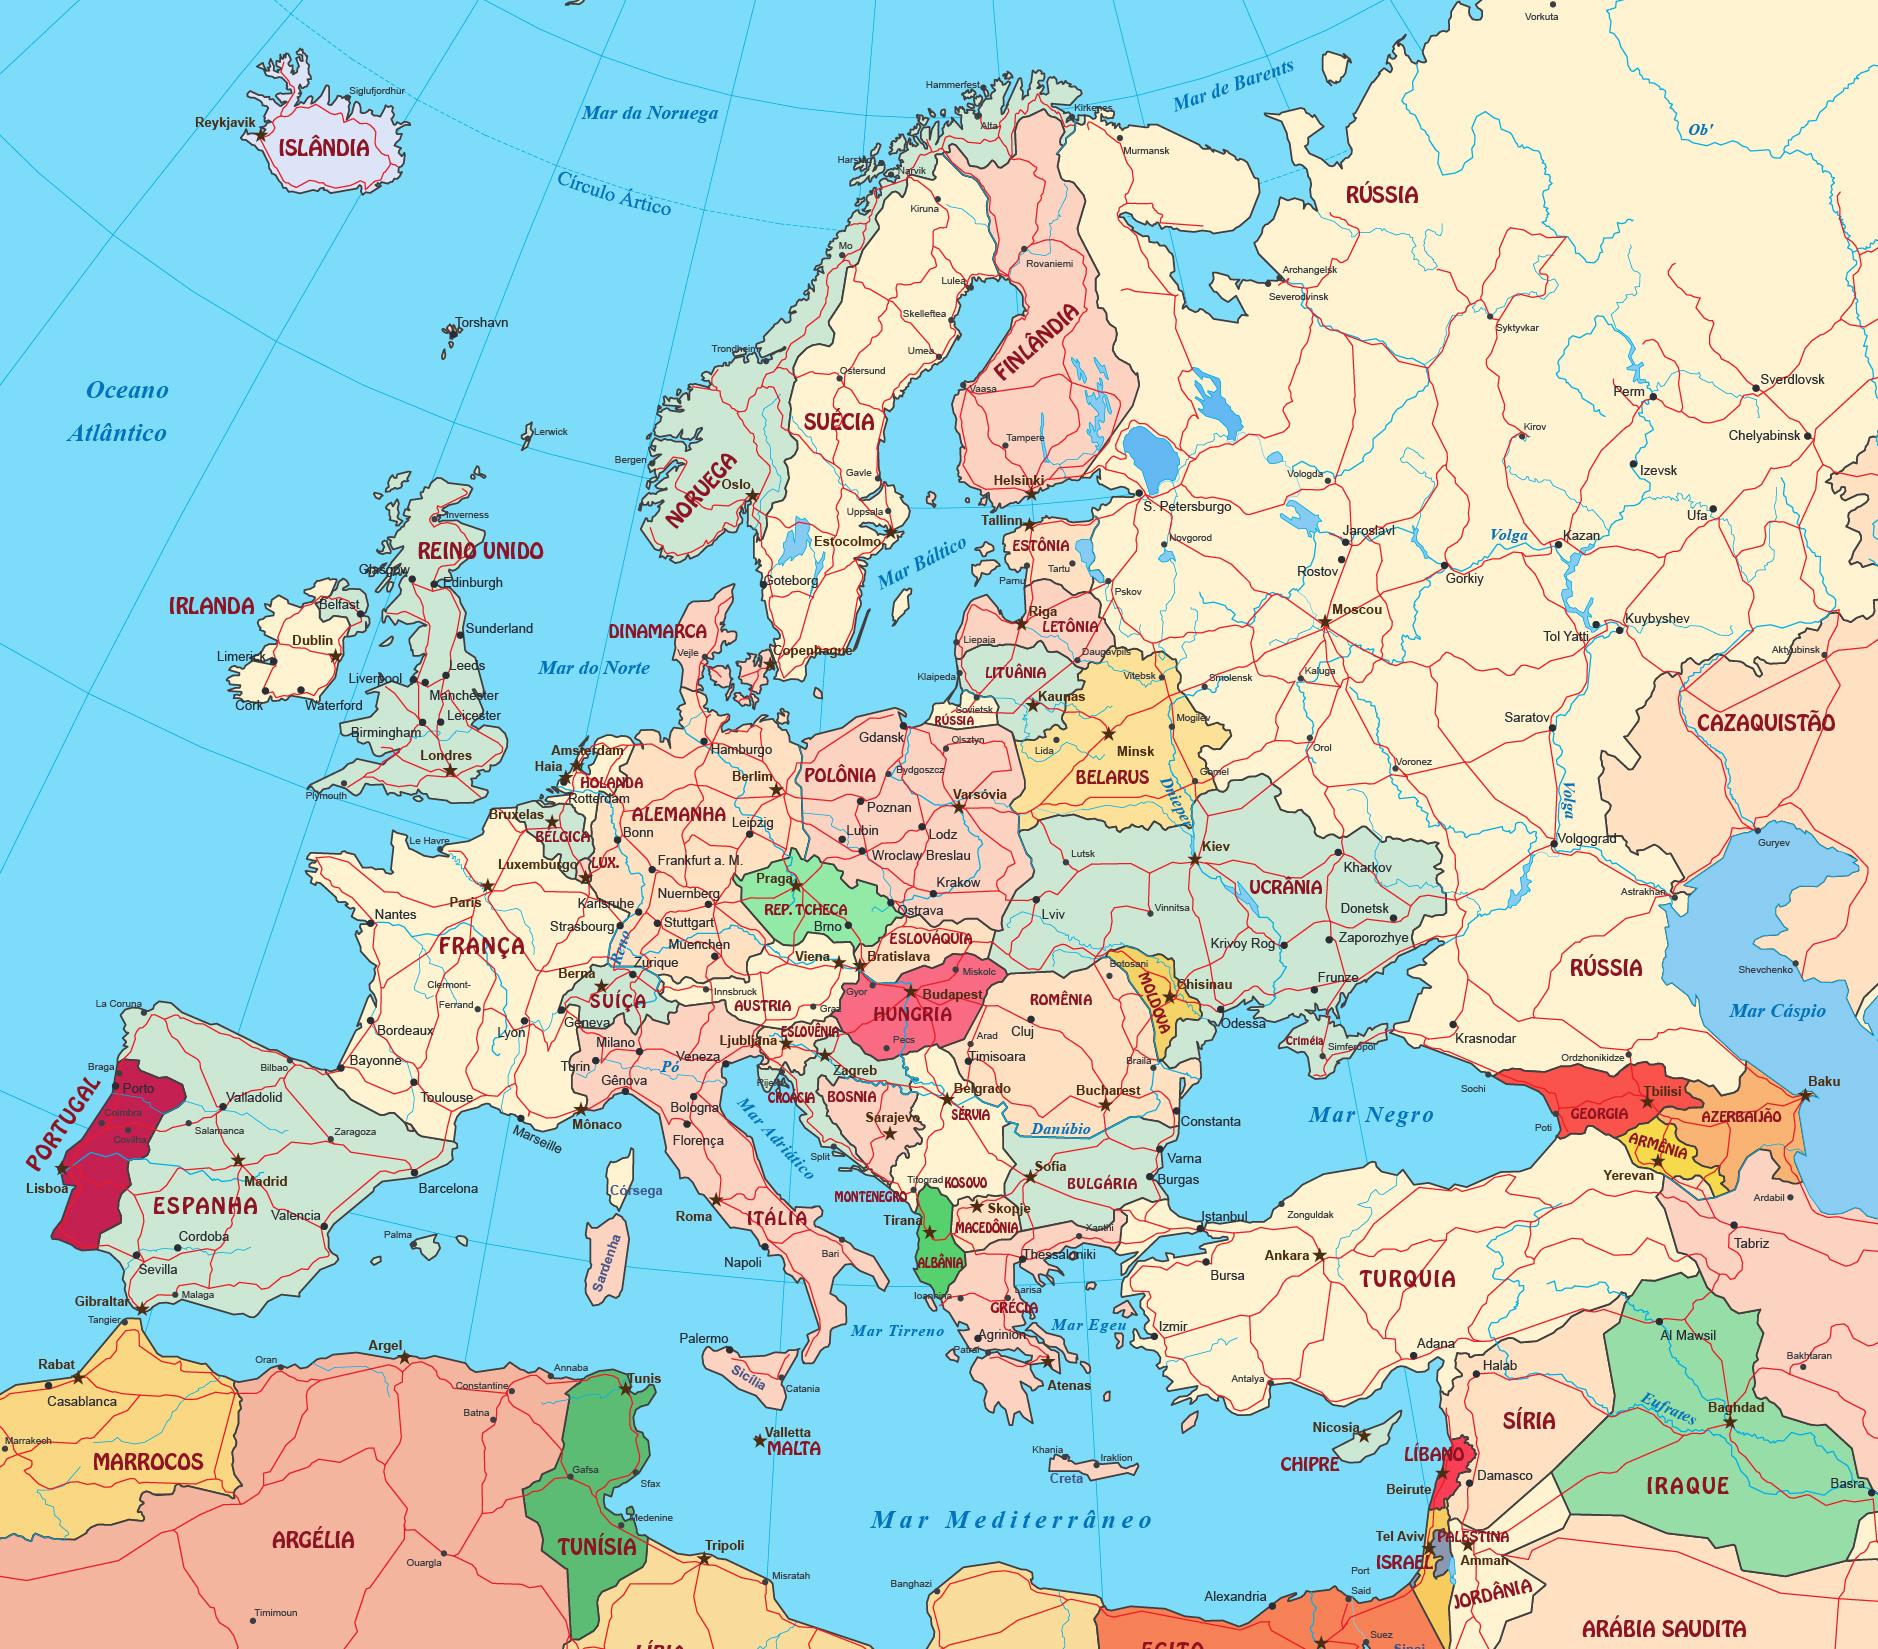 Mappa politica online dell'Europa 2